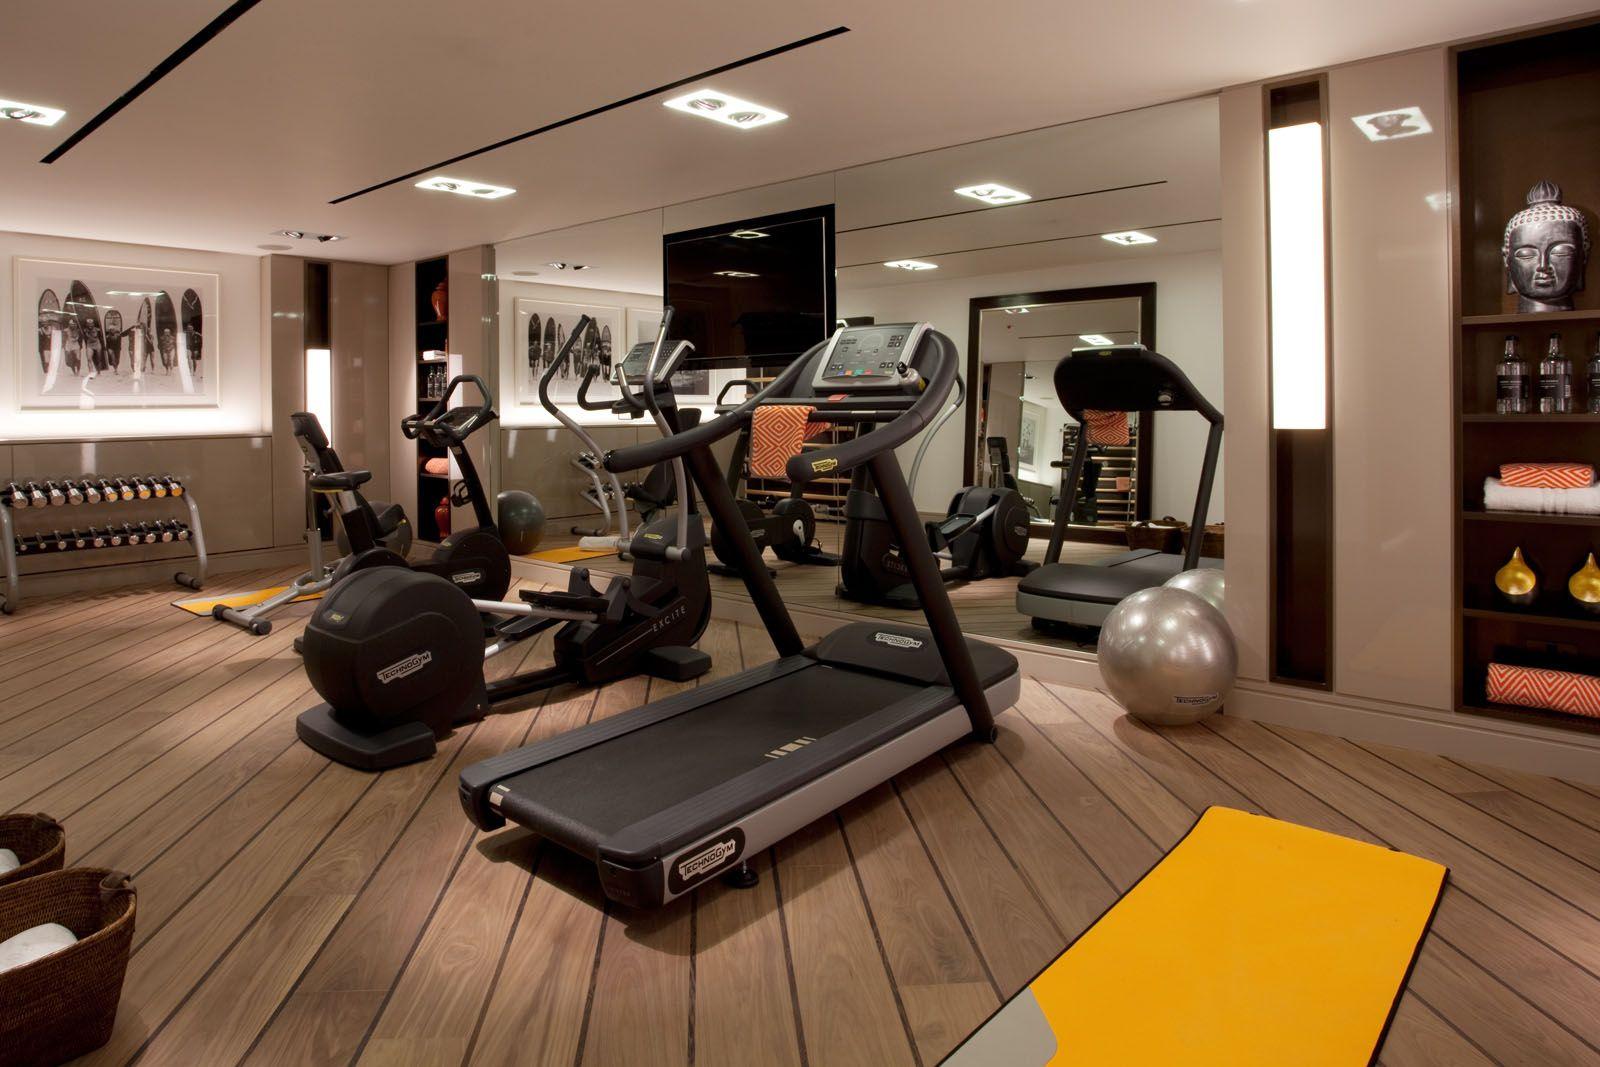 Home Gym Design: Gym, Basement Gym And Jealousy